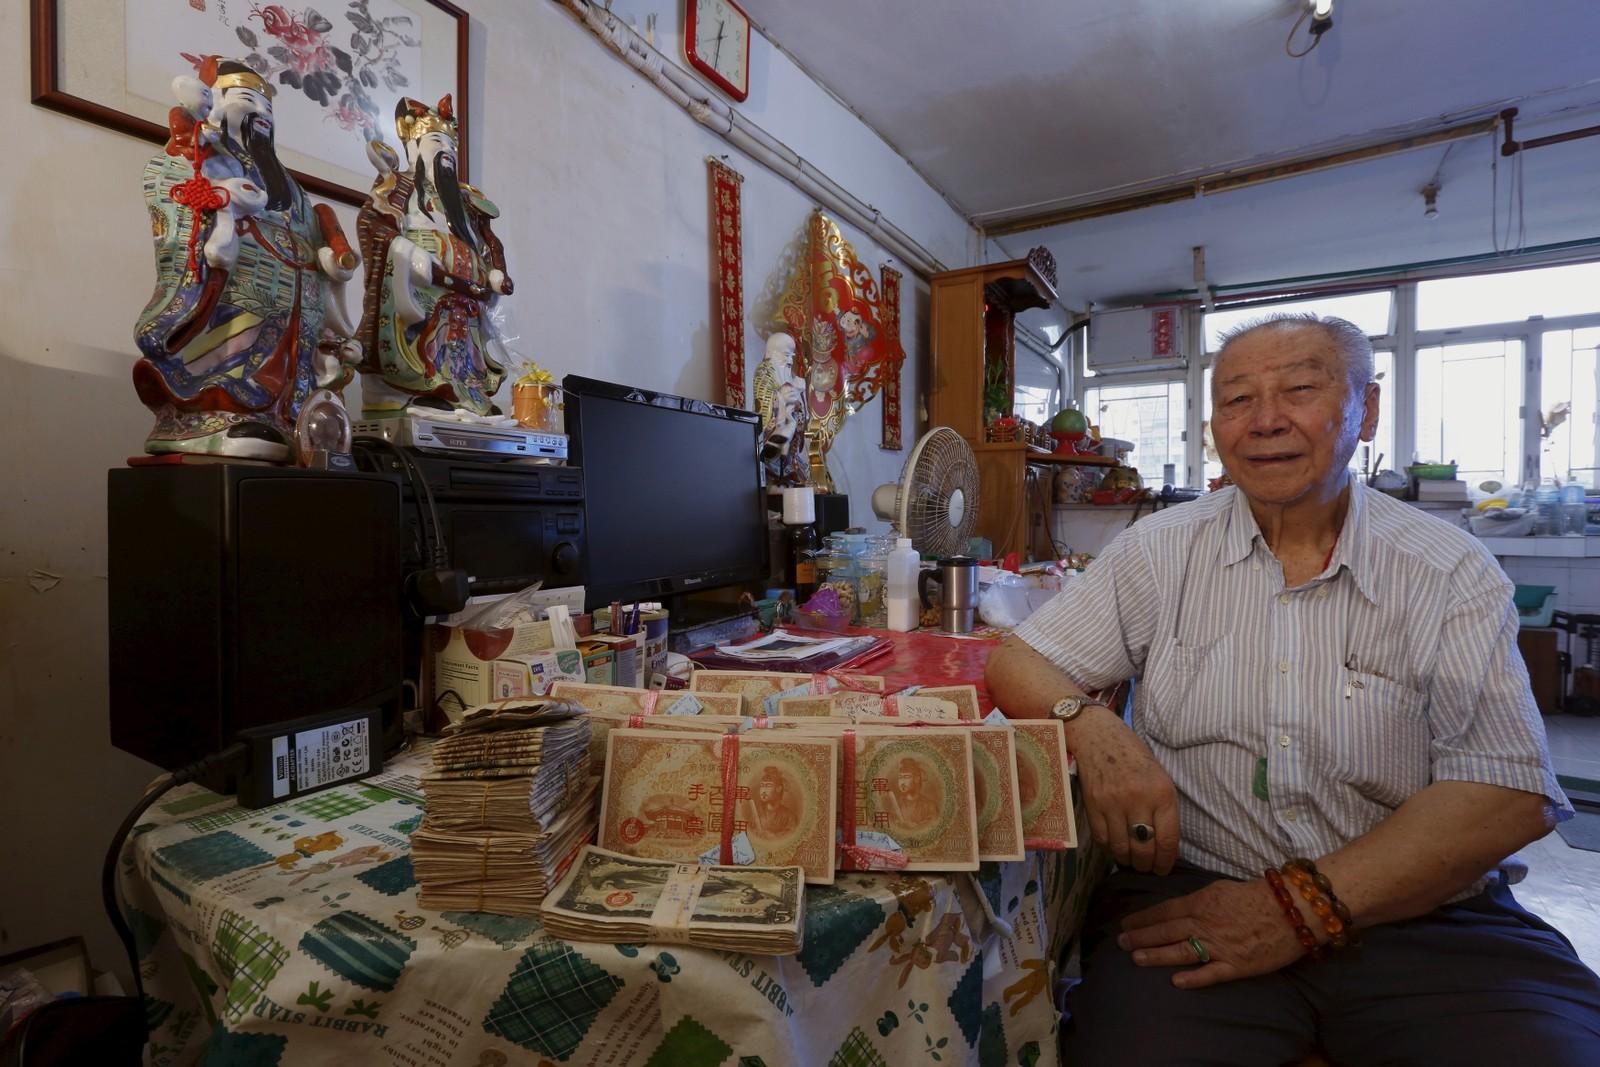 Lam Yin-bun (89) viser fram 110,000 Yen etterlatt fra hans far. Da Japan okkuperte Hong Kong under krigen, ble de tvunget til å veksle inn pengene sine i en japansk militærvaluta. Nå håper han at Japan vil veksle inn pengene i en valuta de kan bruke.